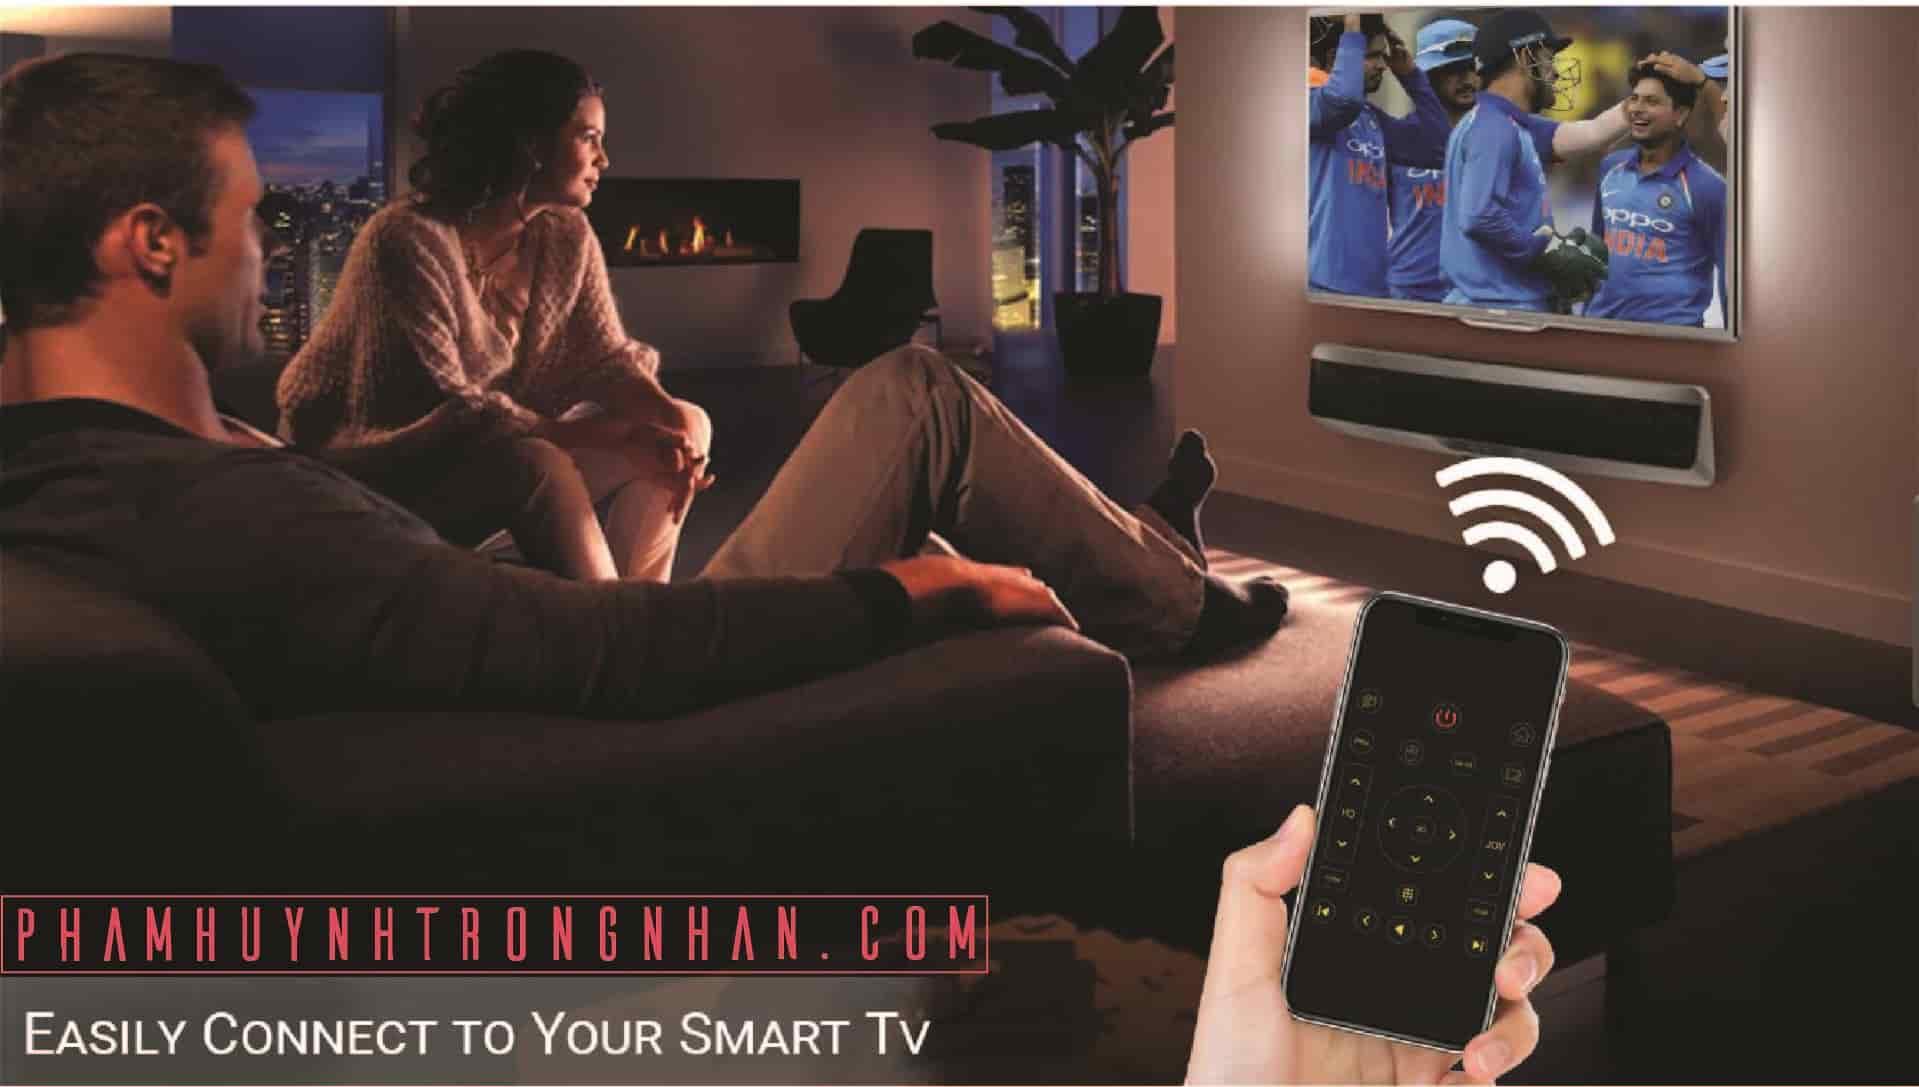 Điều khiển tivi sony, Samsung, TCL bằng điện thoại iphone qua internet với nhà thông minh